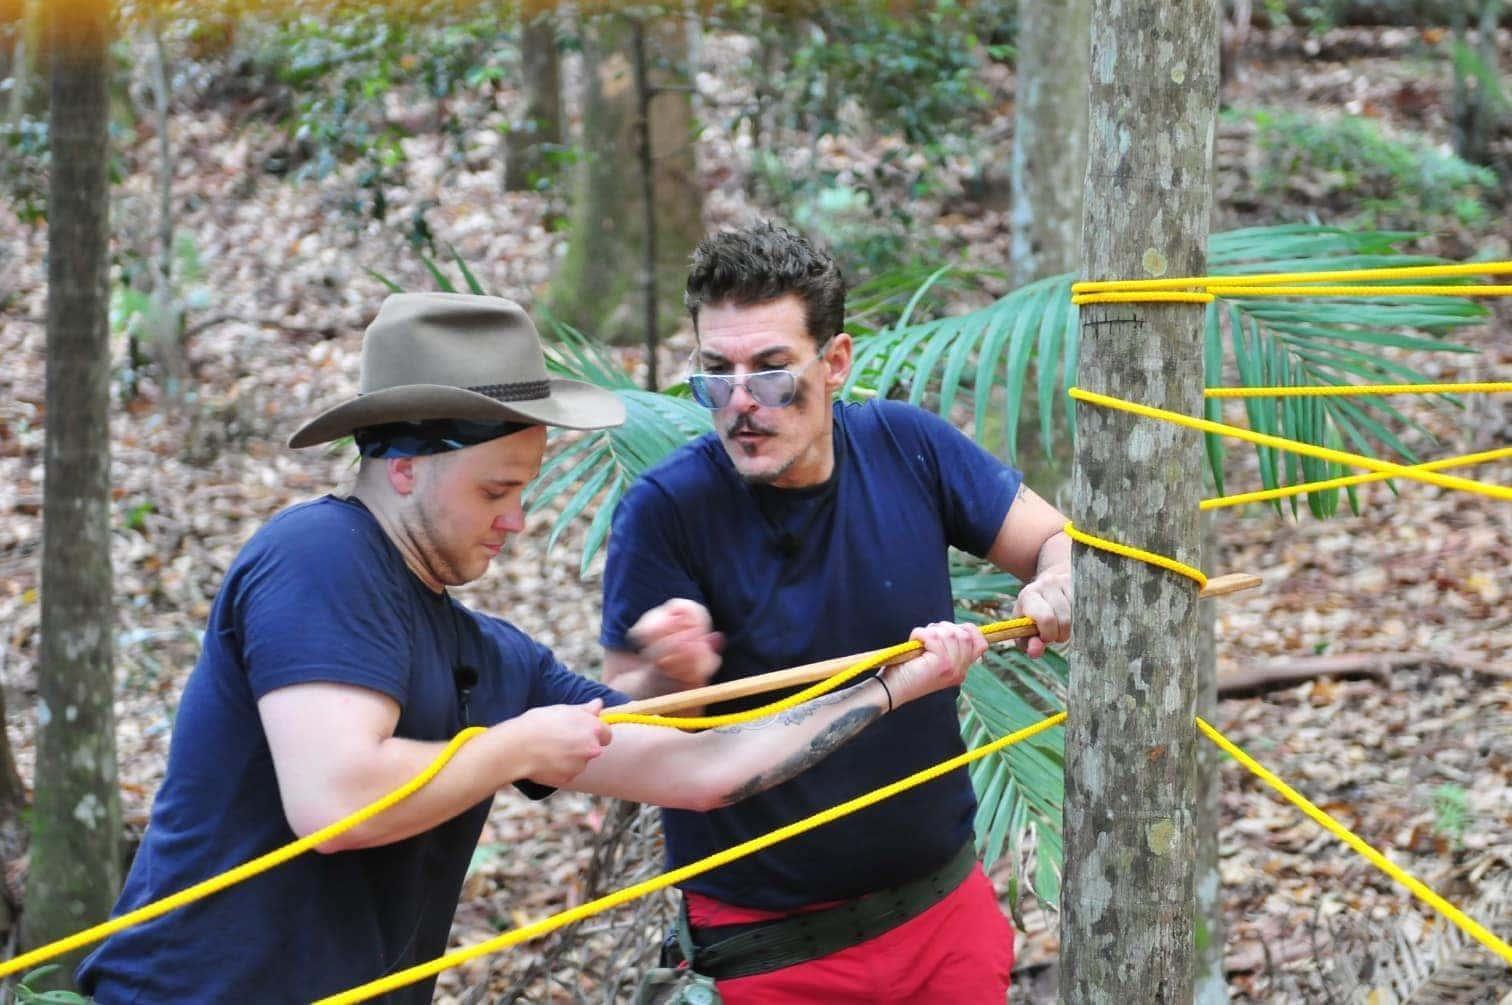 <p>Mit einer neunzig Zentimeter langen Stange müssen die beiden Promis die Länge der gespannten Seile ermitteln.</p> Foto: MG RTL D / Stefan Menne